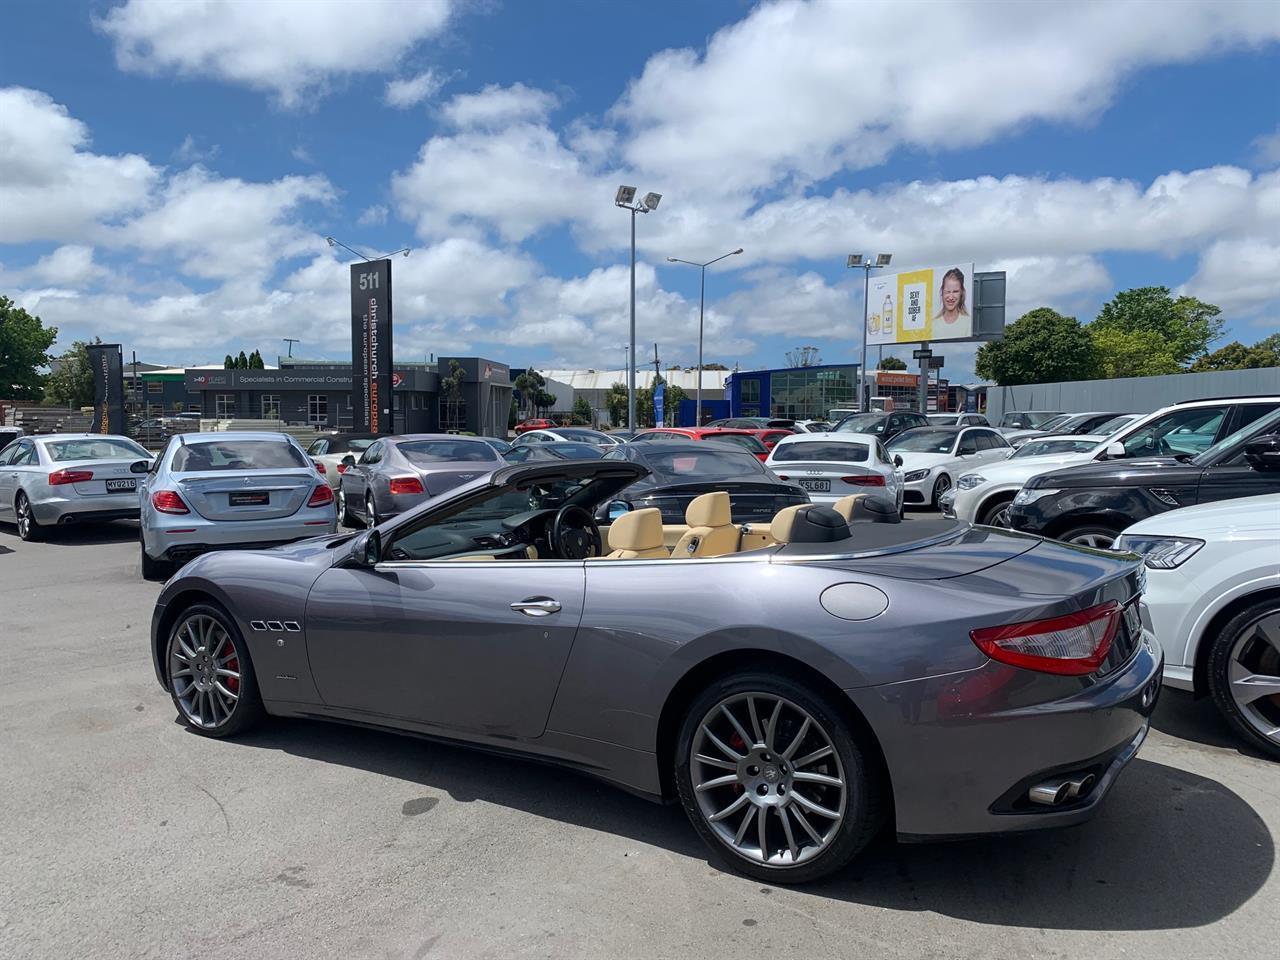 image-2, 2012 Maserati GranCabrio 4.7 V8 Roadster at Christchurch